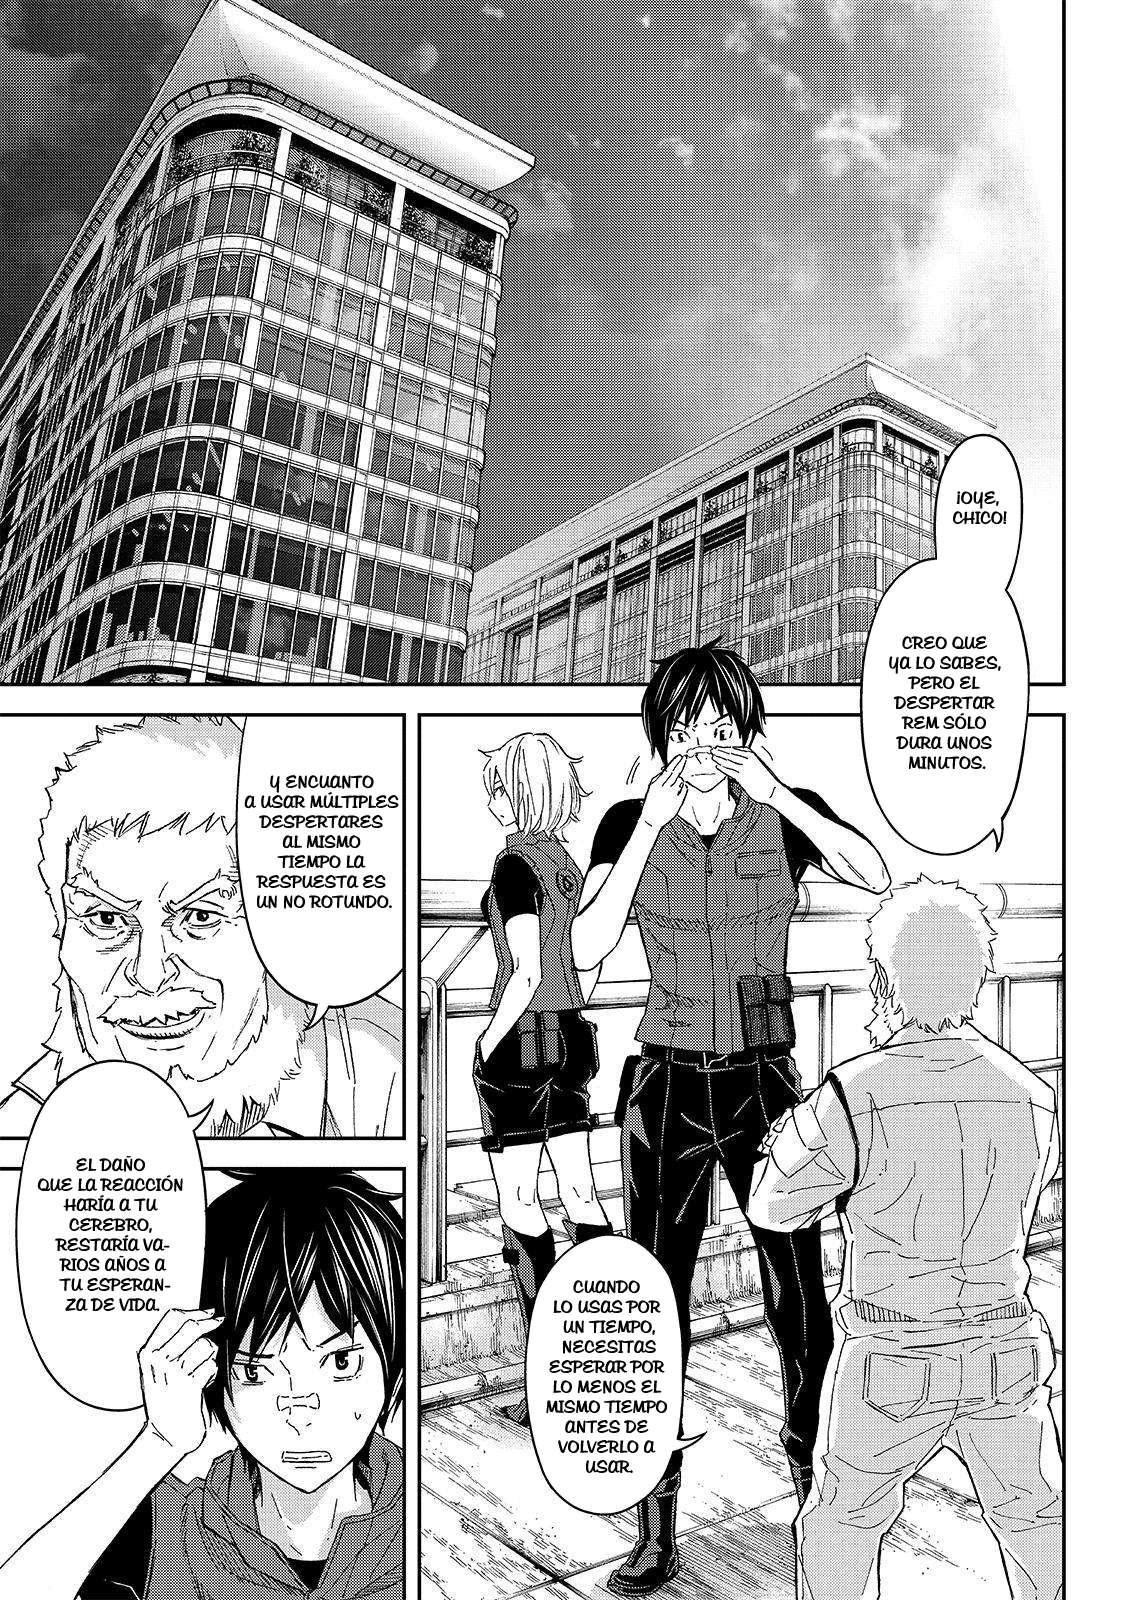 http://c5.ninemanga.com/es_manga/54/16310/421666/5326c4353507eb424eb272074860b0b8.jpg Page 12